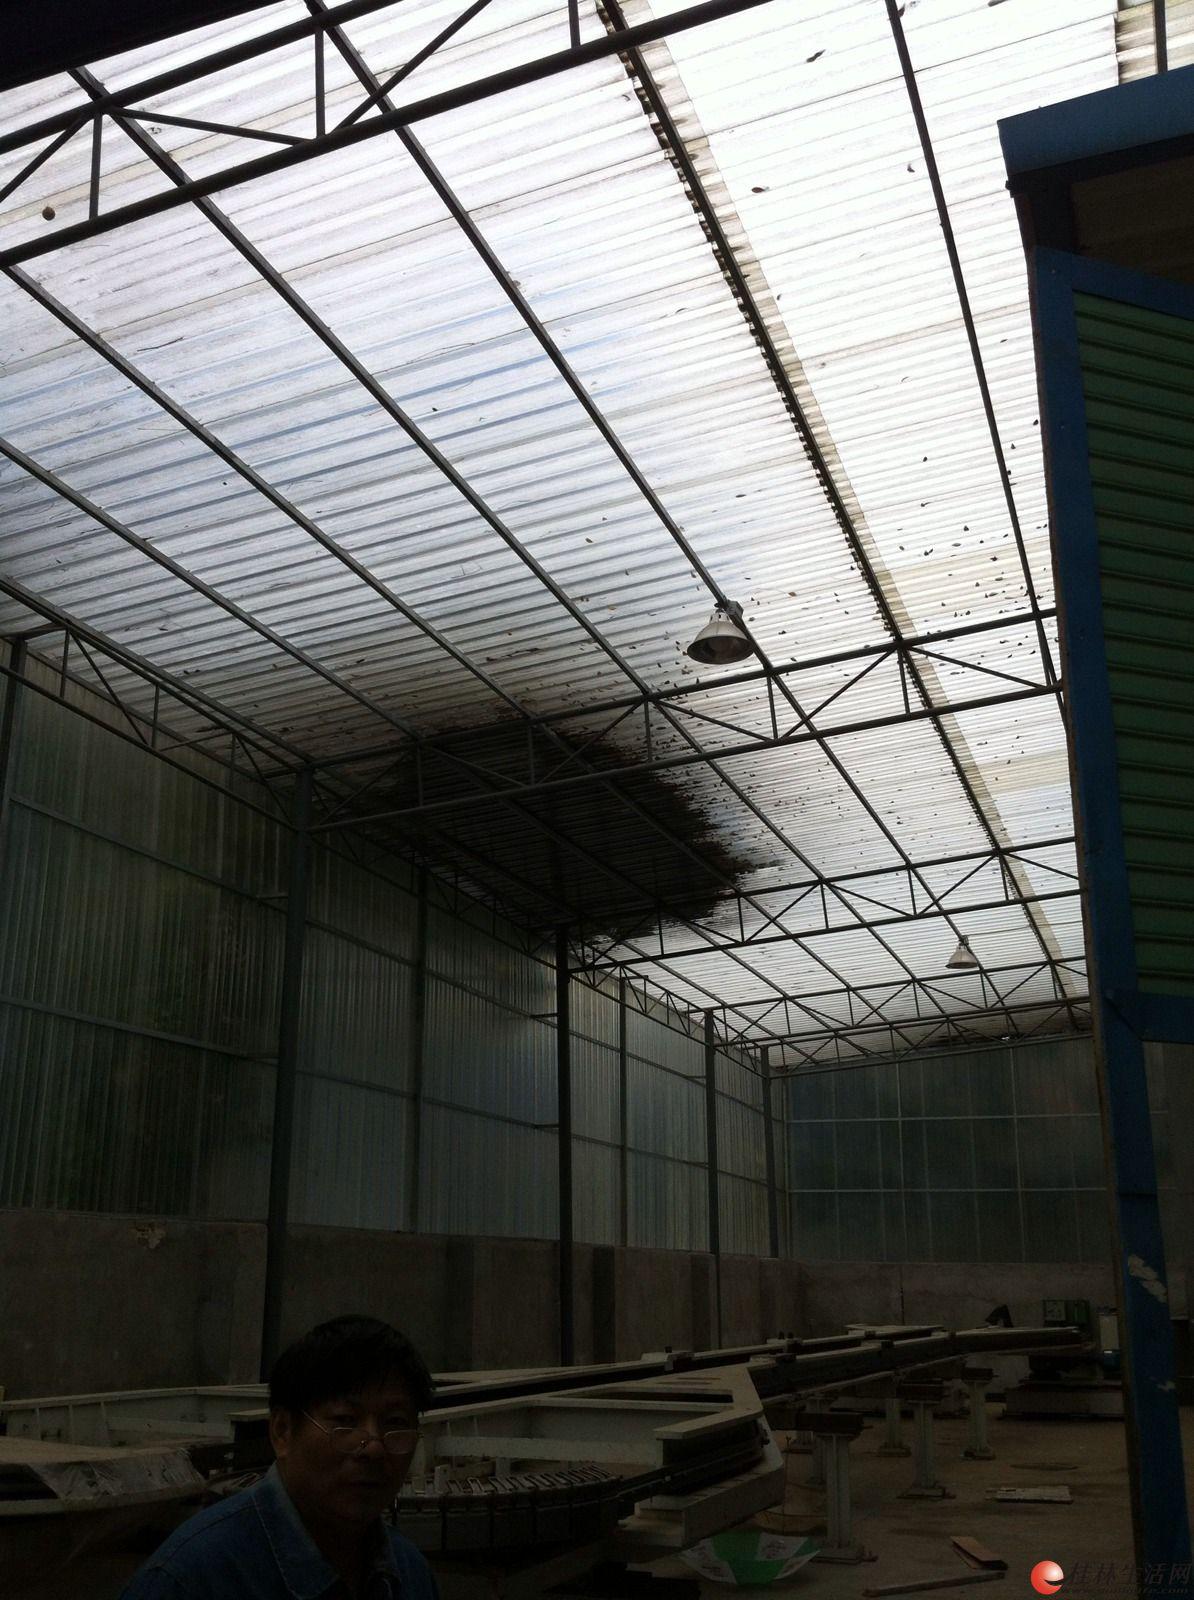 专业制作钢架结构楼面雨棚,停车棚,彩钢瓦厂房及仓库